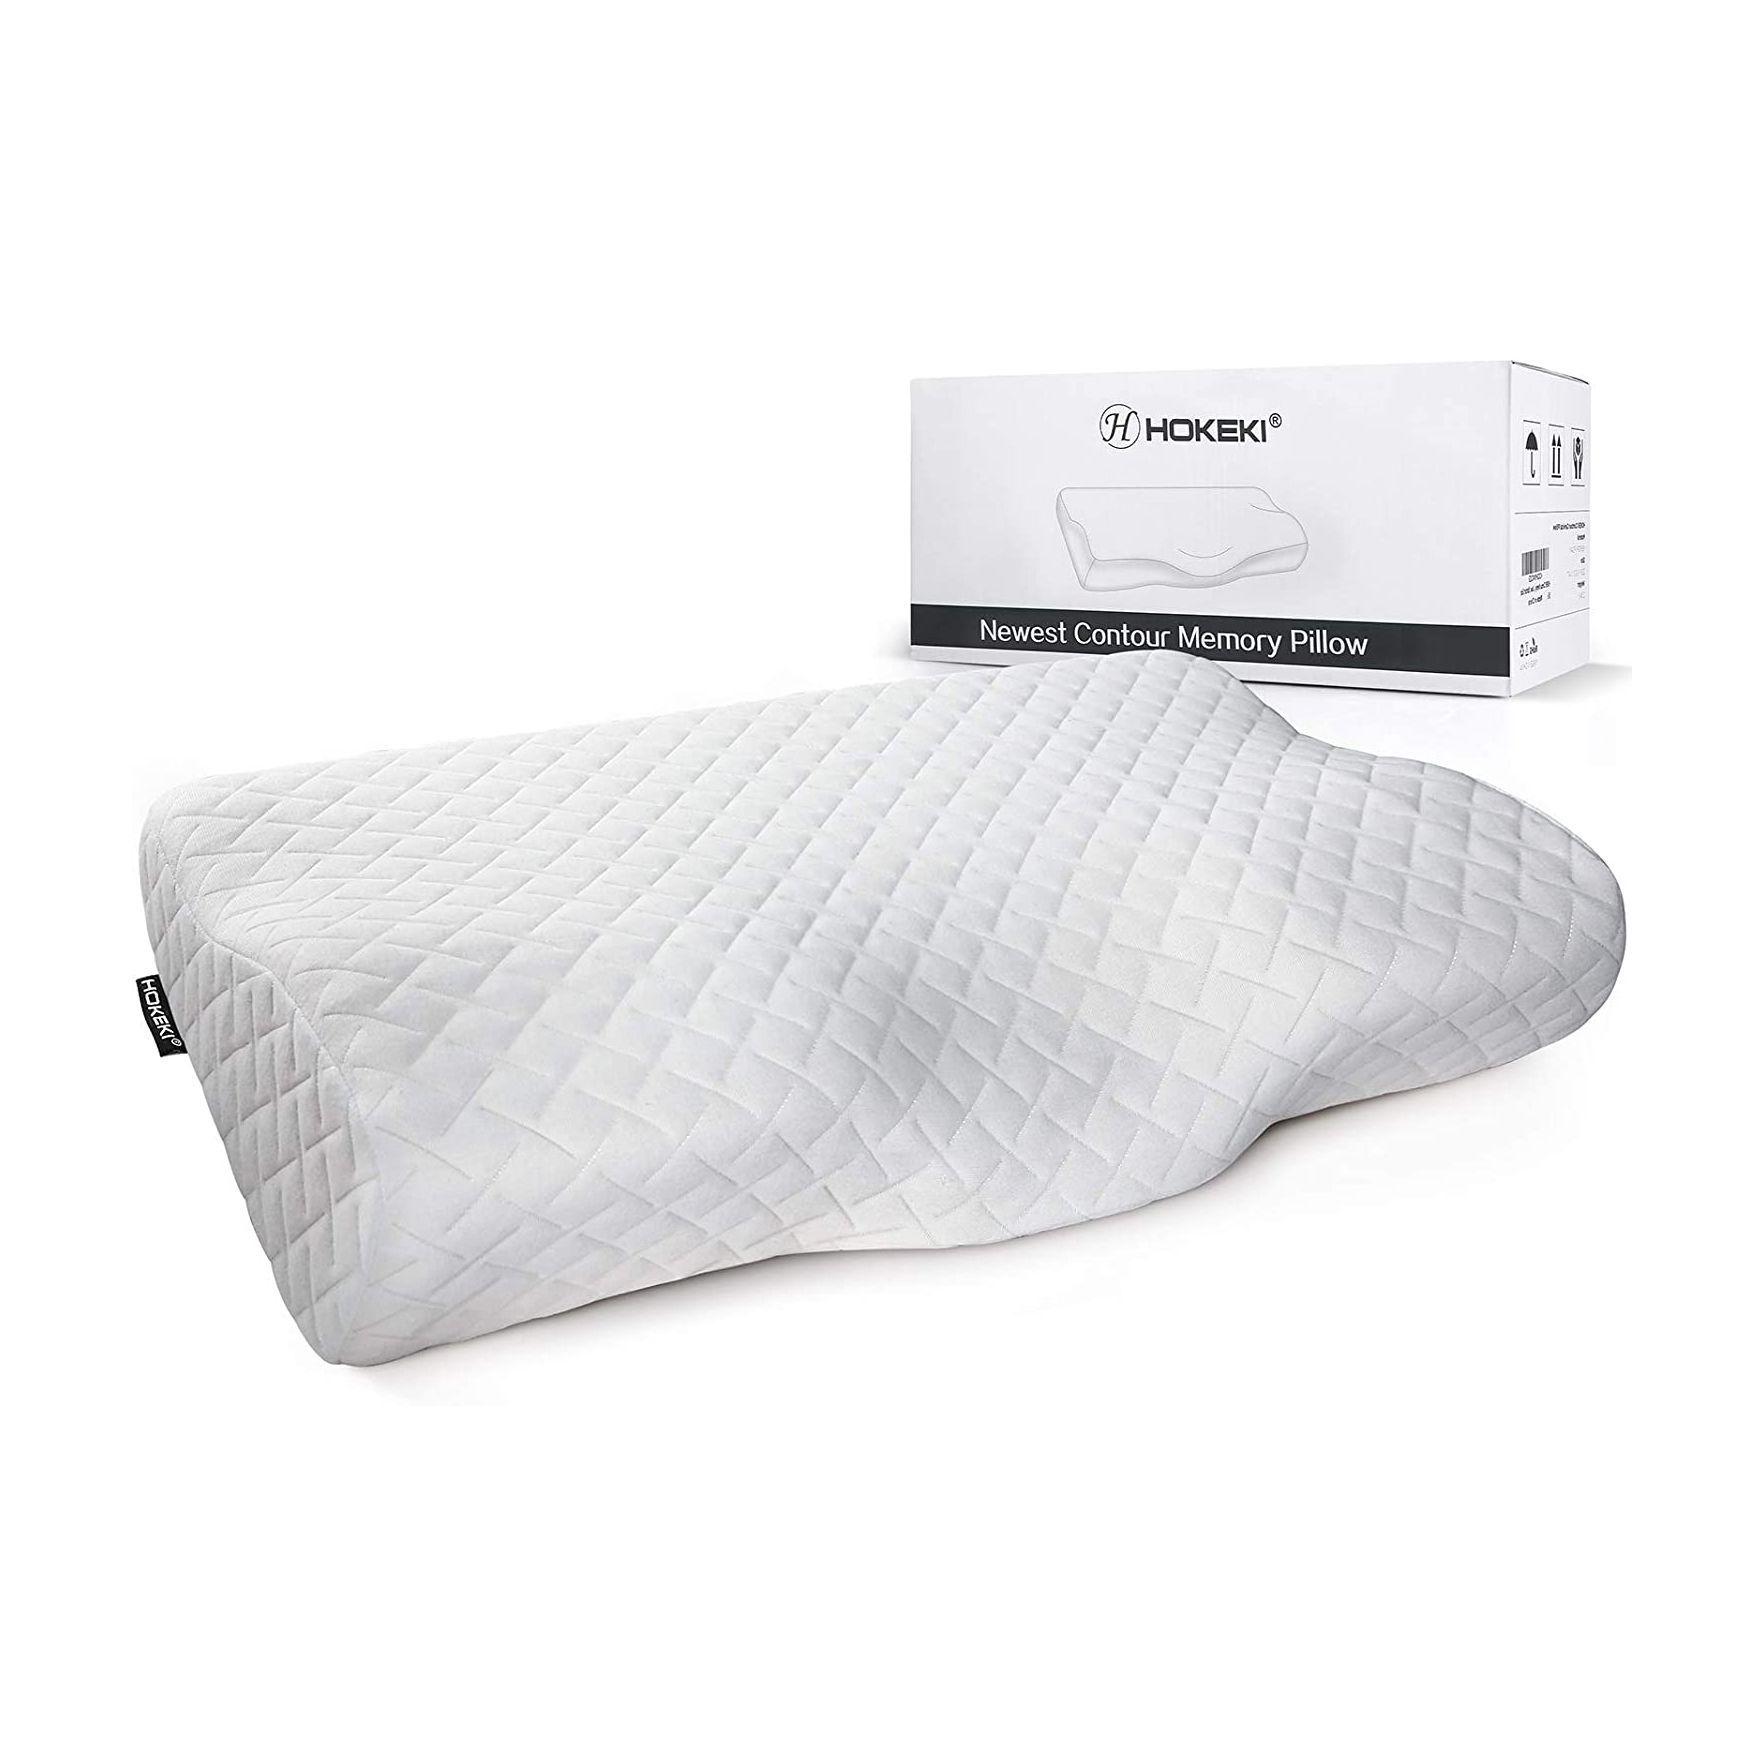 hokeki contour pillow